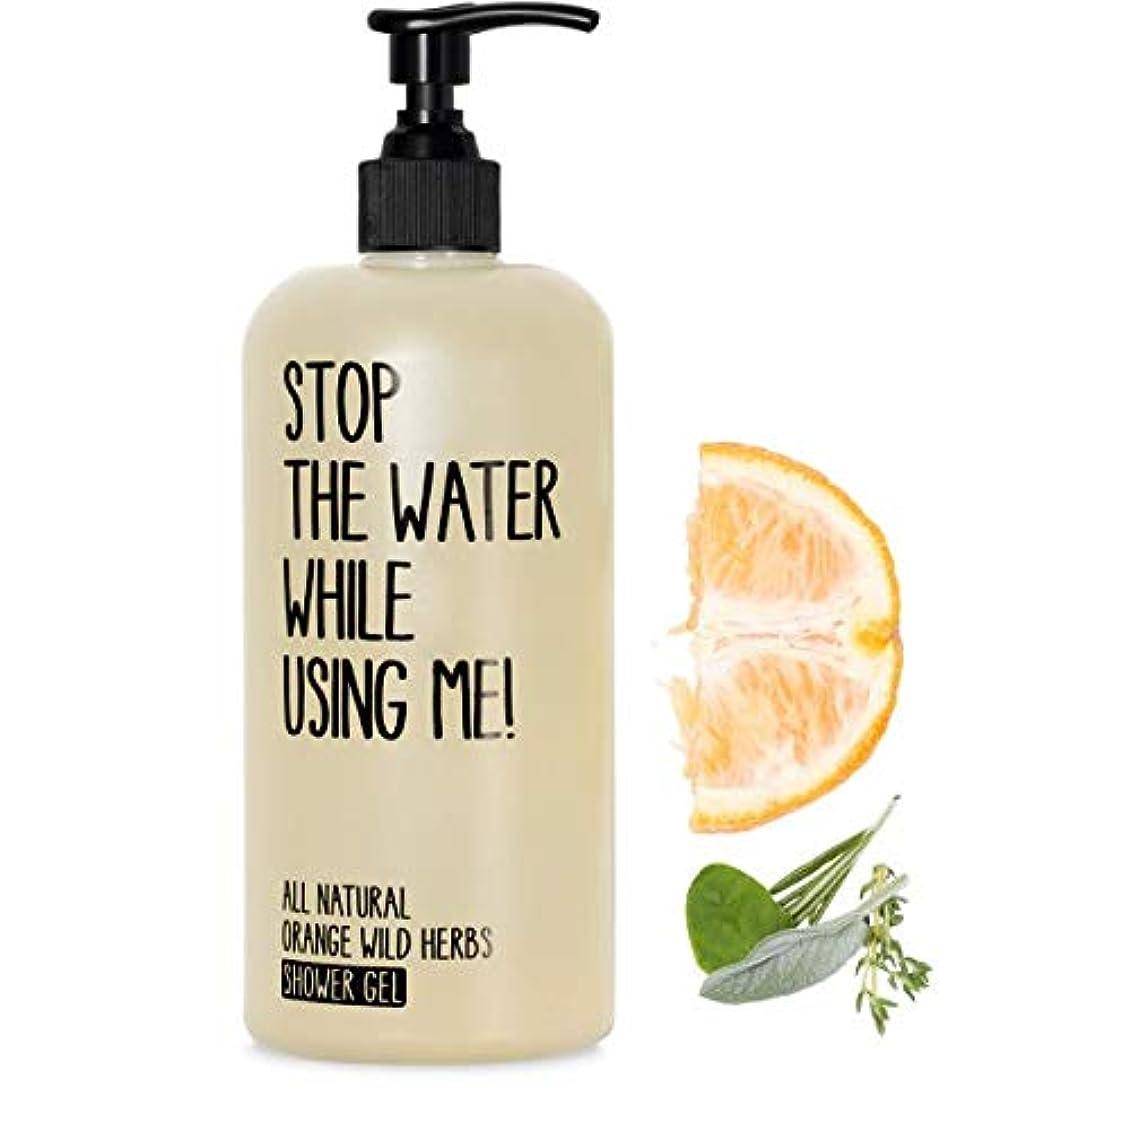 固有のなんでも粘液【STOP THE WATER WHILE USING ME!】 O&WHシャワージェル(オレンジ&ワイルドハーブ) 200ml